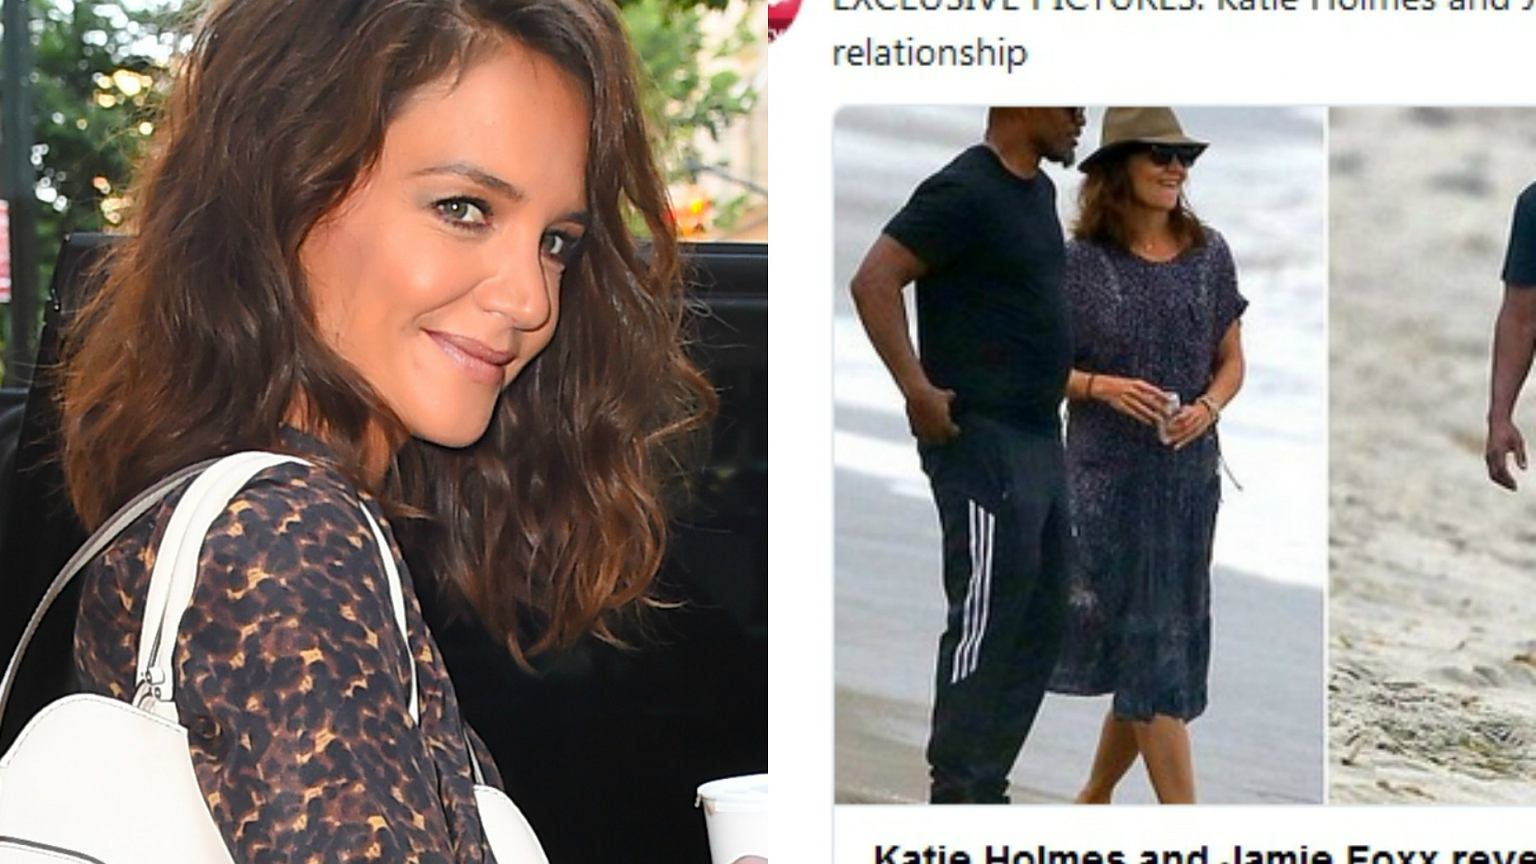 Przez 4 lata umiejętnie ukrywali swój związek. W końcu są ich zdjęcia z randki. Katie Holmes i zdobywca Oscara są parą!